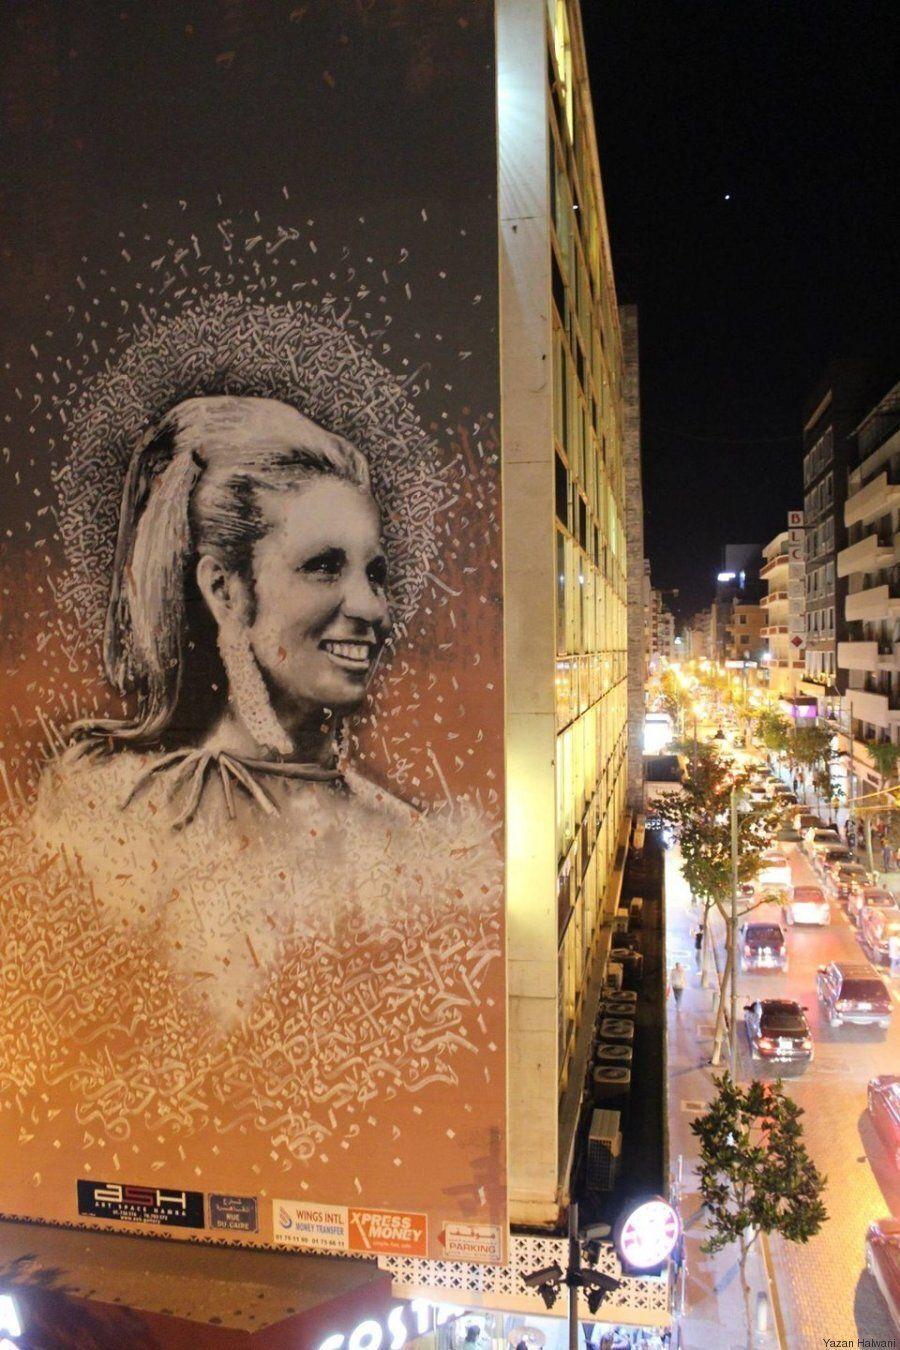 Γνωρίστε τον Banksy της Μέσης Ανατολής: Ο καλλιτέχνης που μεταμορφώνει τους τοίχους της